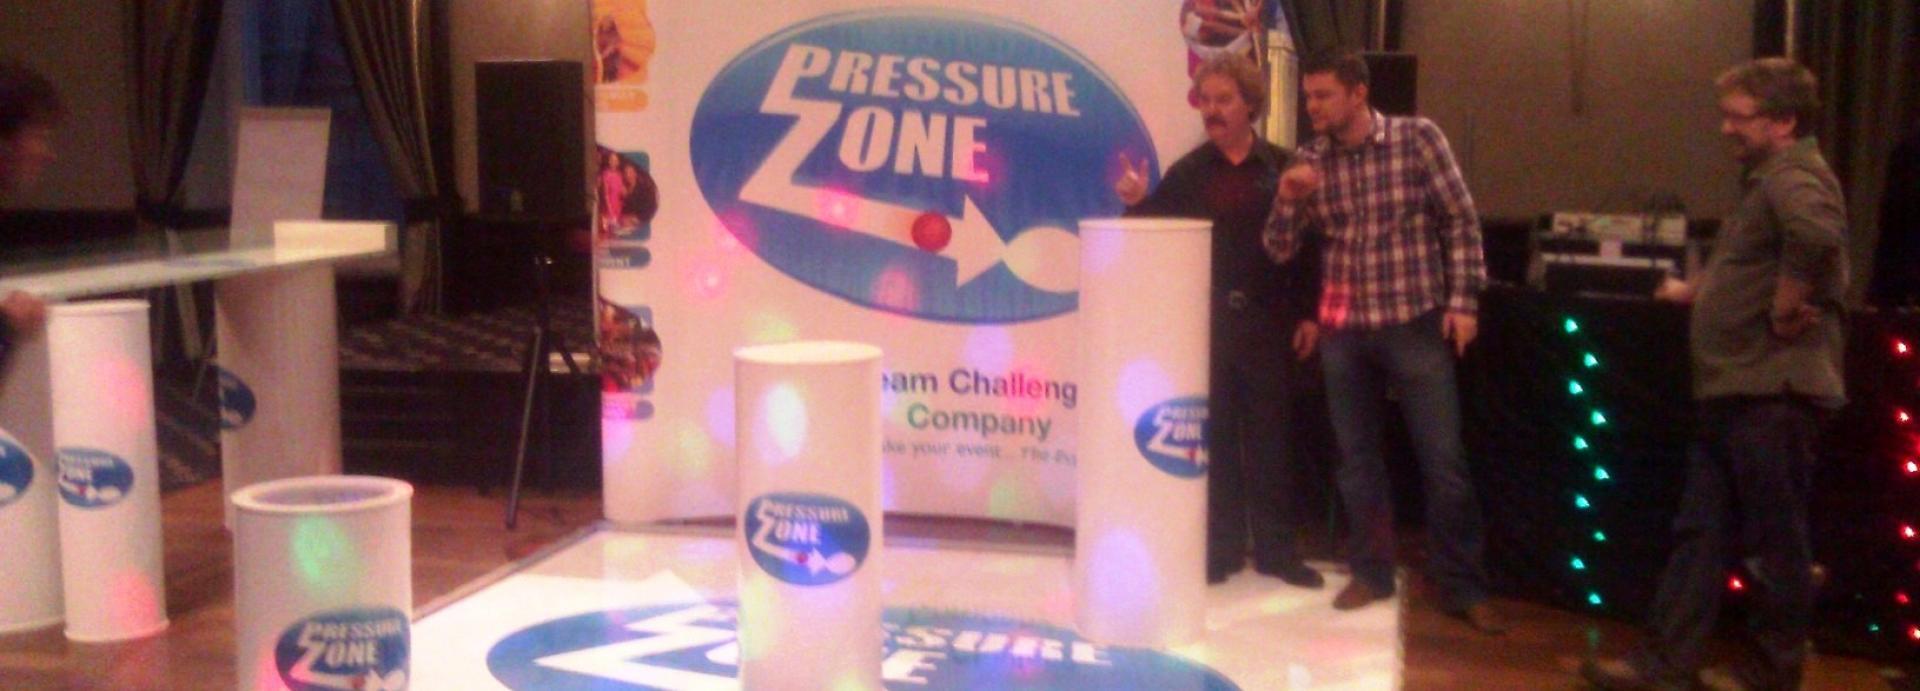 Pressure Zone